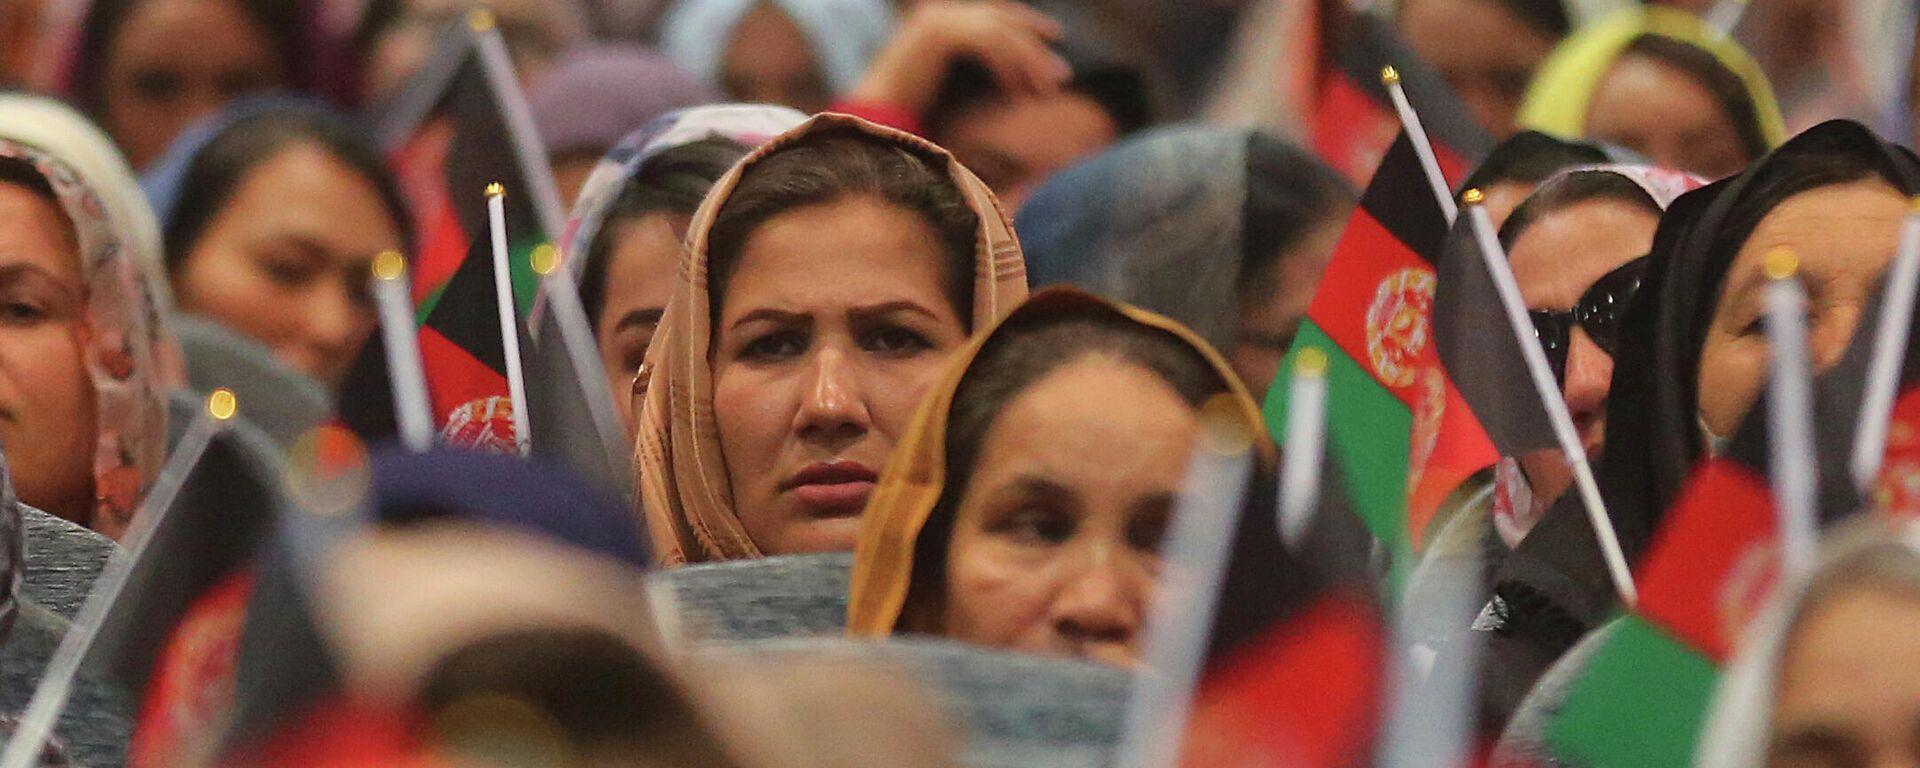 Mujeres afganas asisten a una campaña electoral en Kabul - Sputnik Mundo, 1920, 19.08.2021